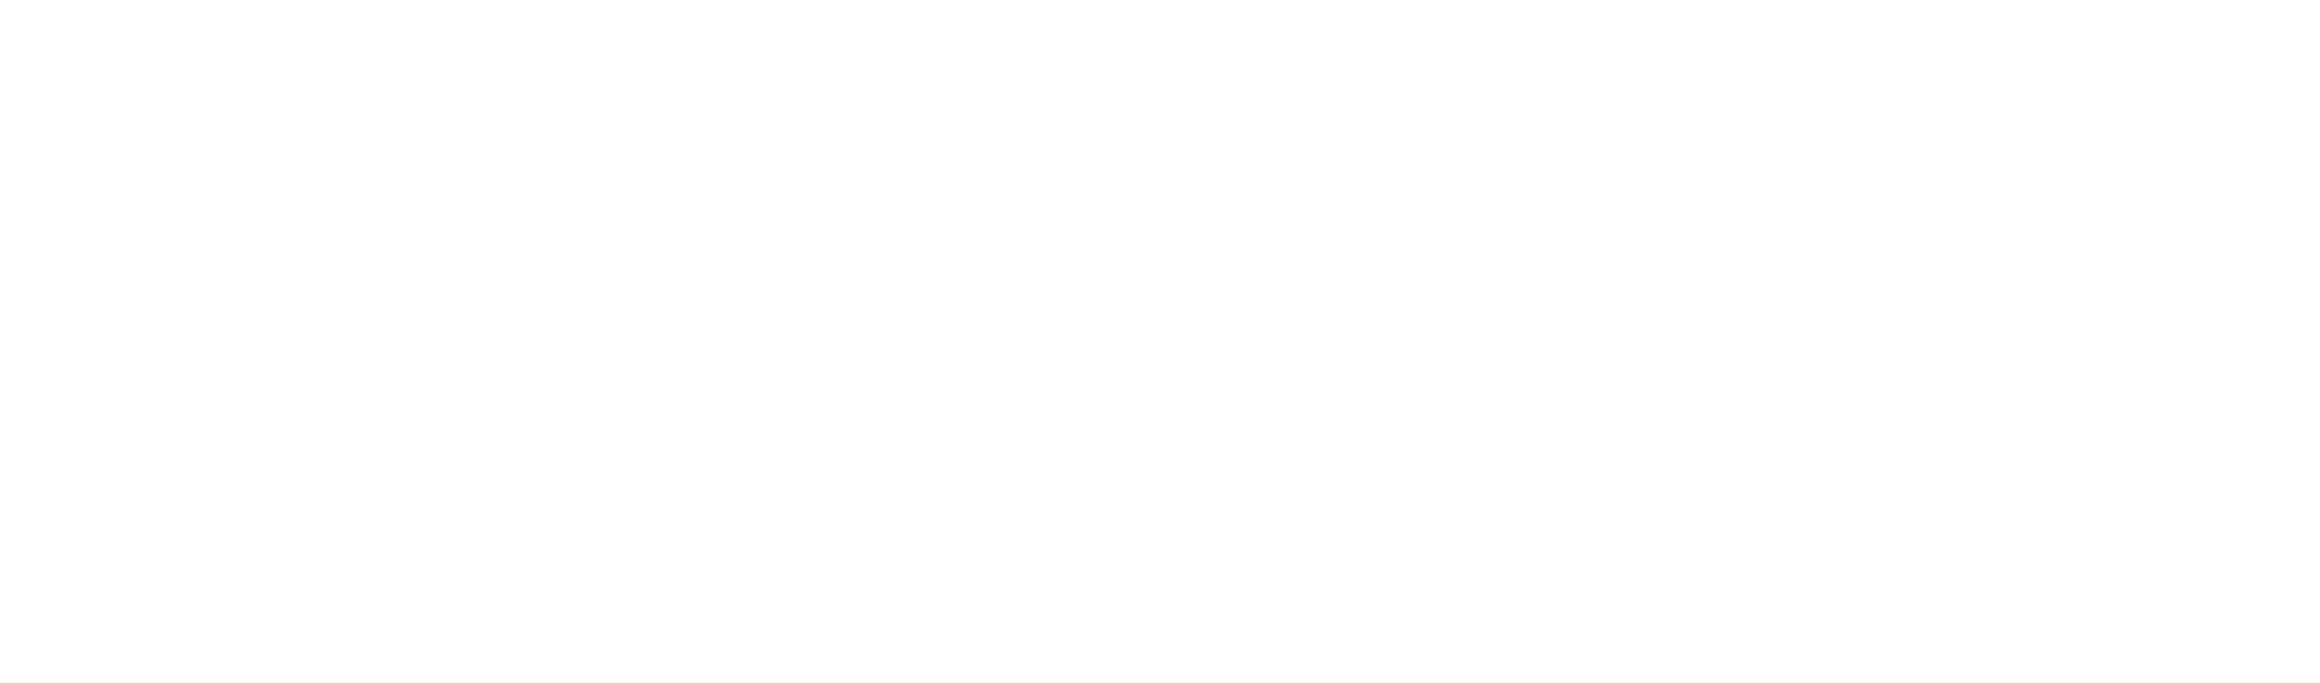 VeriME (VME) coin